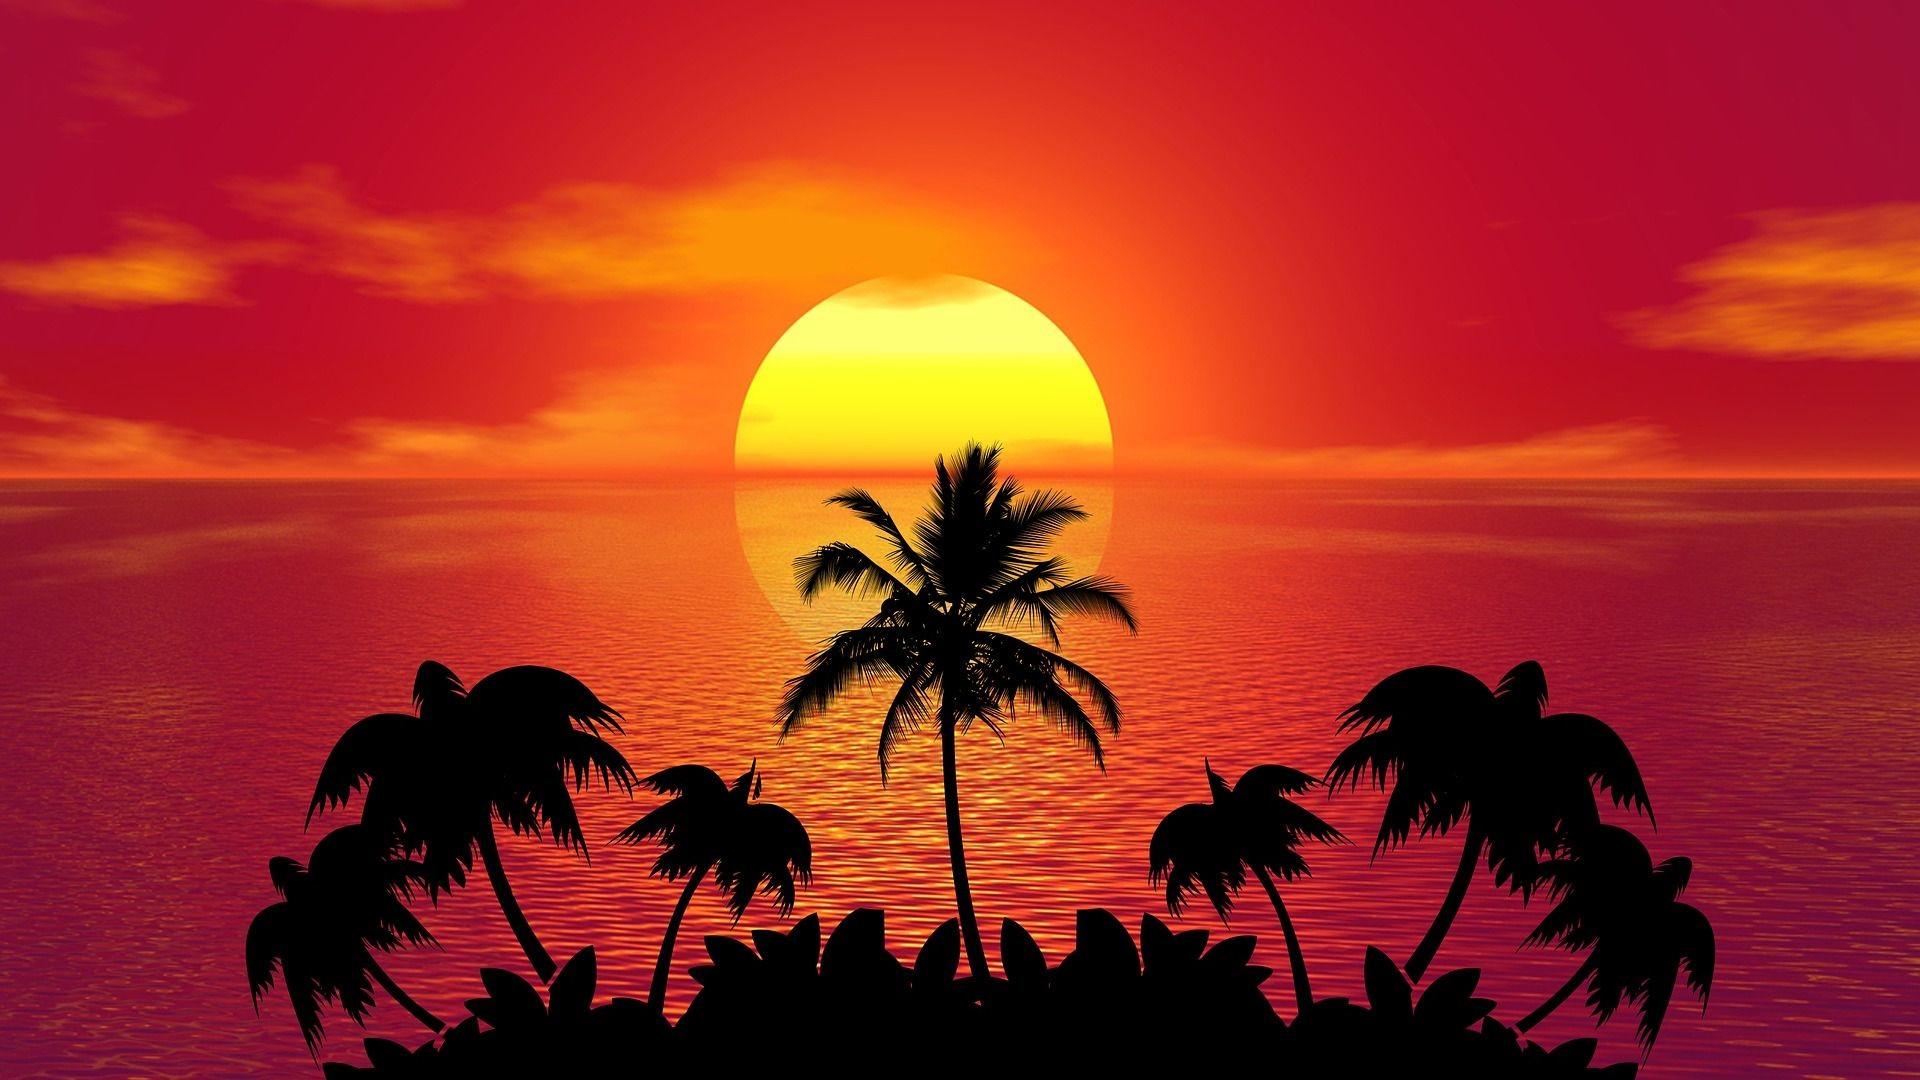 Res: 1920x1080, Summer Beach Sunset Art Wallpaper